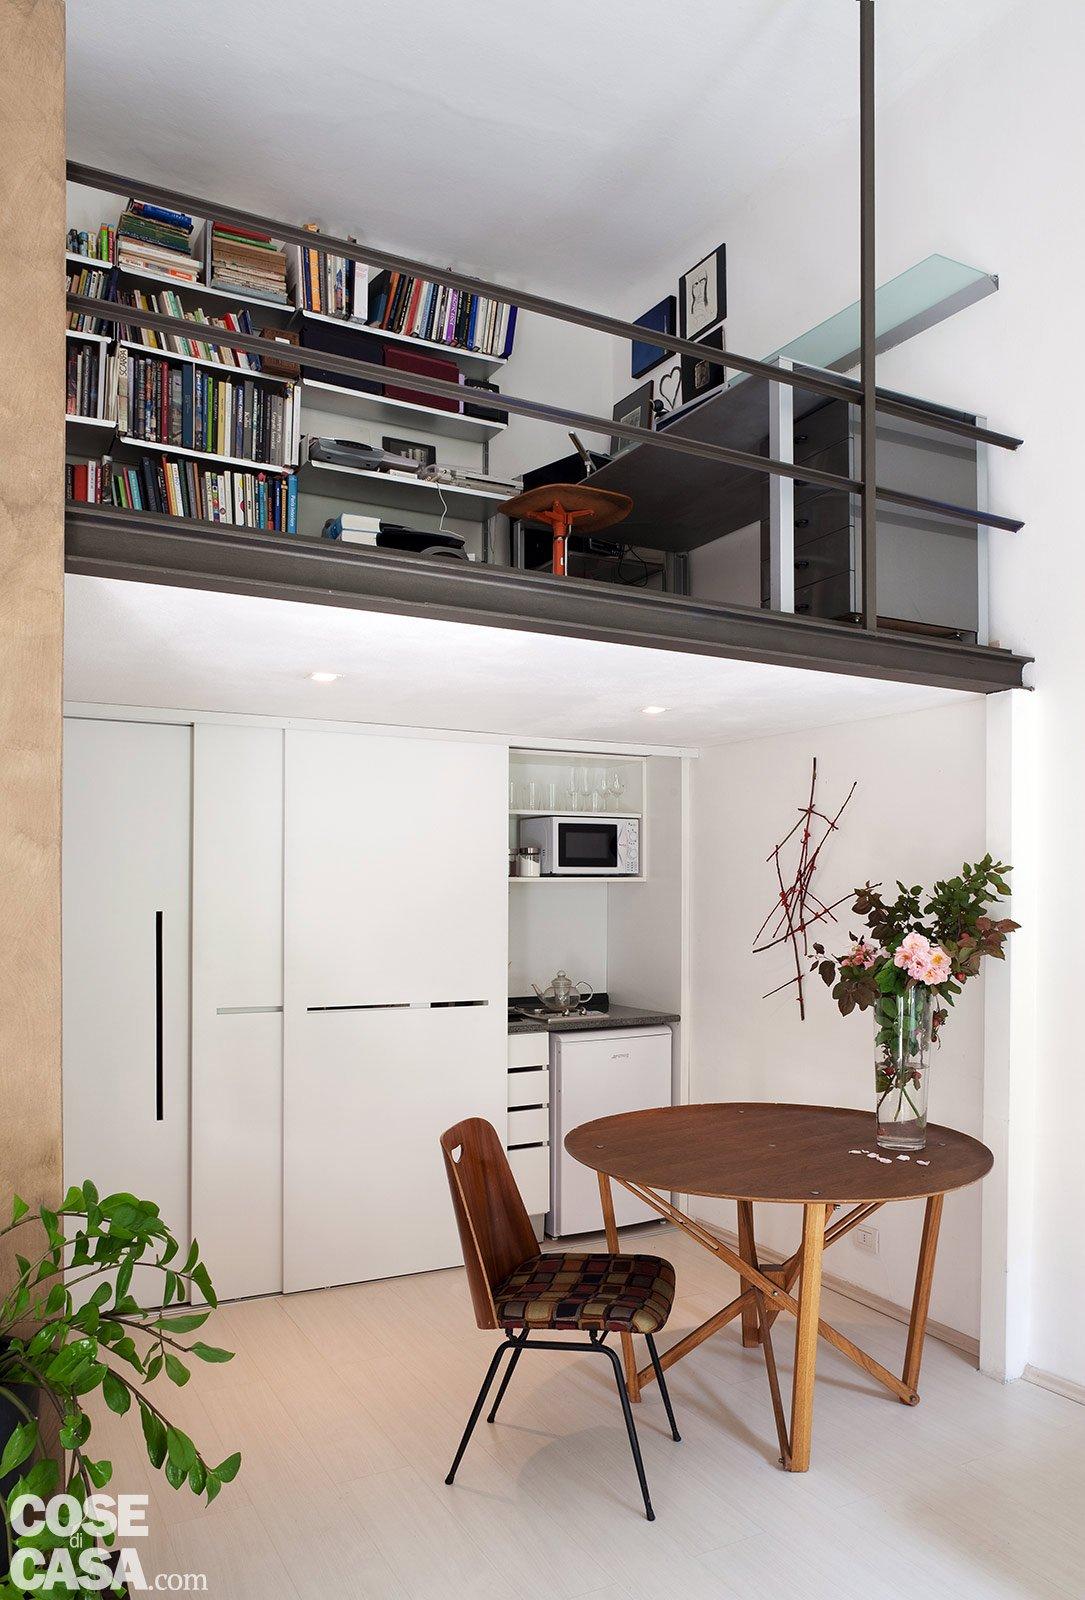 Monolocale una casa di 30 mq risolta al centimetro cose for Piani di un appartamento con una camera da letto